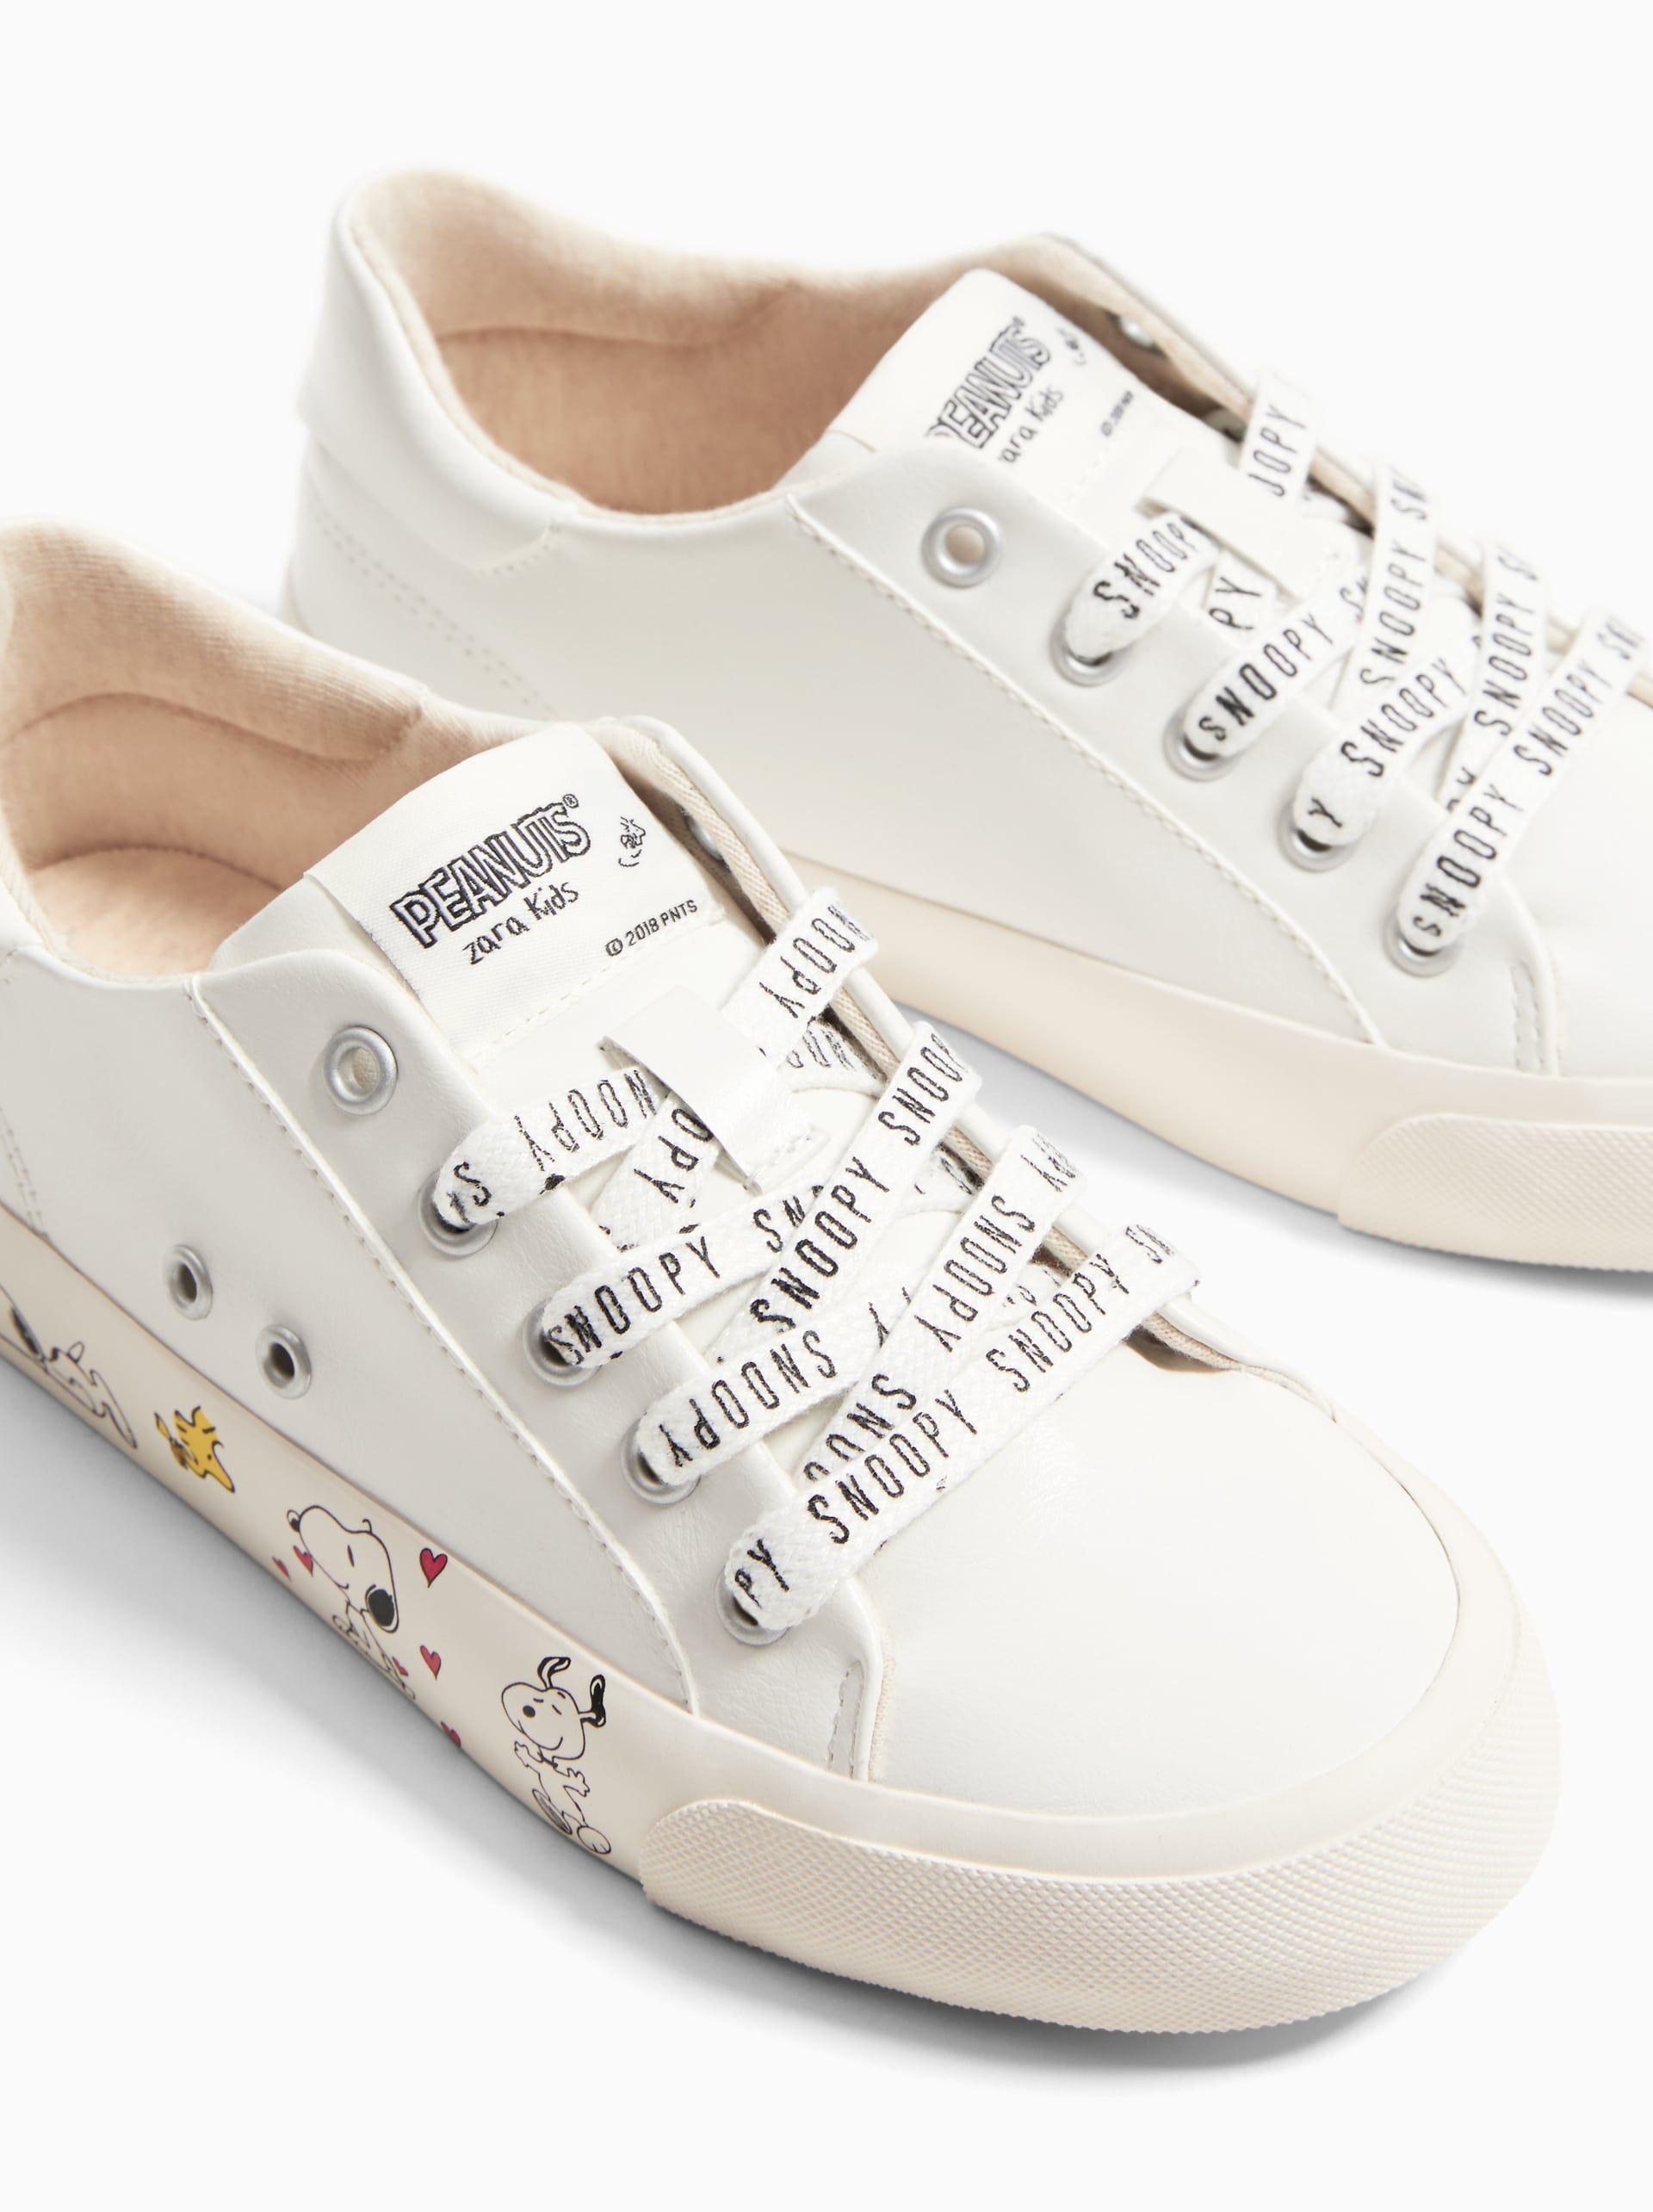 Snoopy® Sneakers Snoopy® Sneakers PlimsollsGraphics PlimsollsGraphics Snoopy® PlimsollsSneakersShoes PlimsollsSneakersShoes rCBexdo